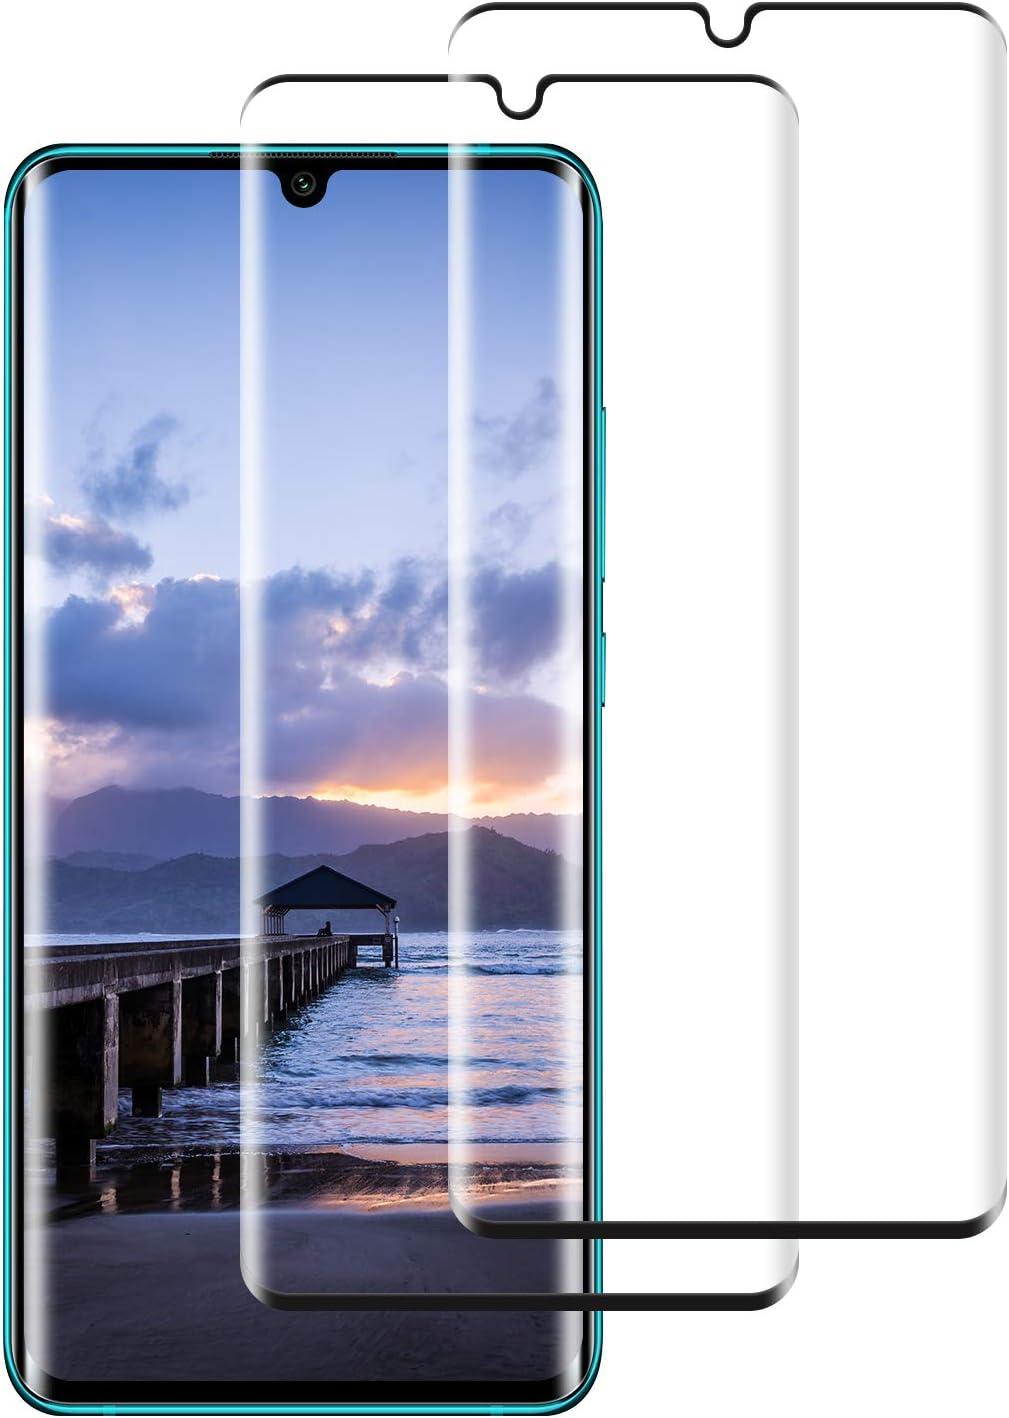 DOSNTO Protector de Pantalla para Xiaomi Mi Note 10 Cristal Templado, [2-Pack] 3D Cobertura Completa [9H Dureza] [Sin Burbujas] [Resistente a Arañazos]Vidrio Templado Screen Protector para Mi Note 10